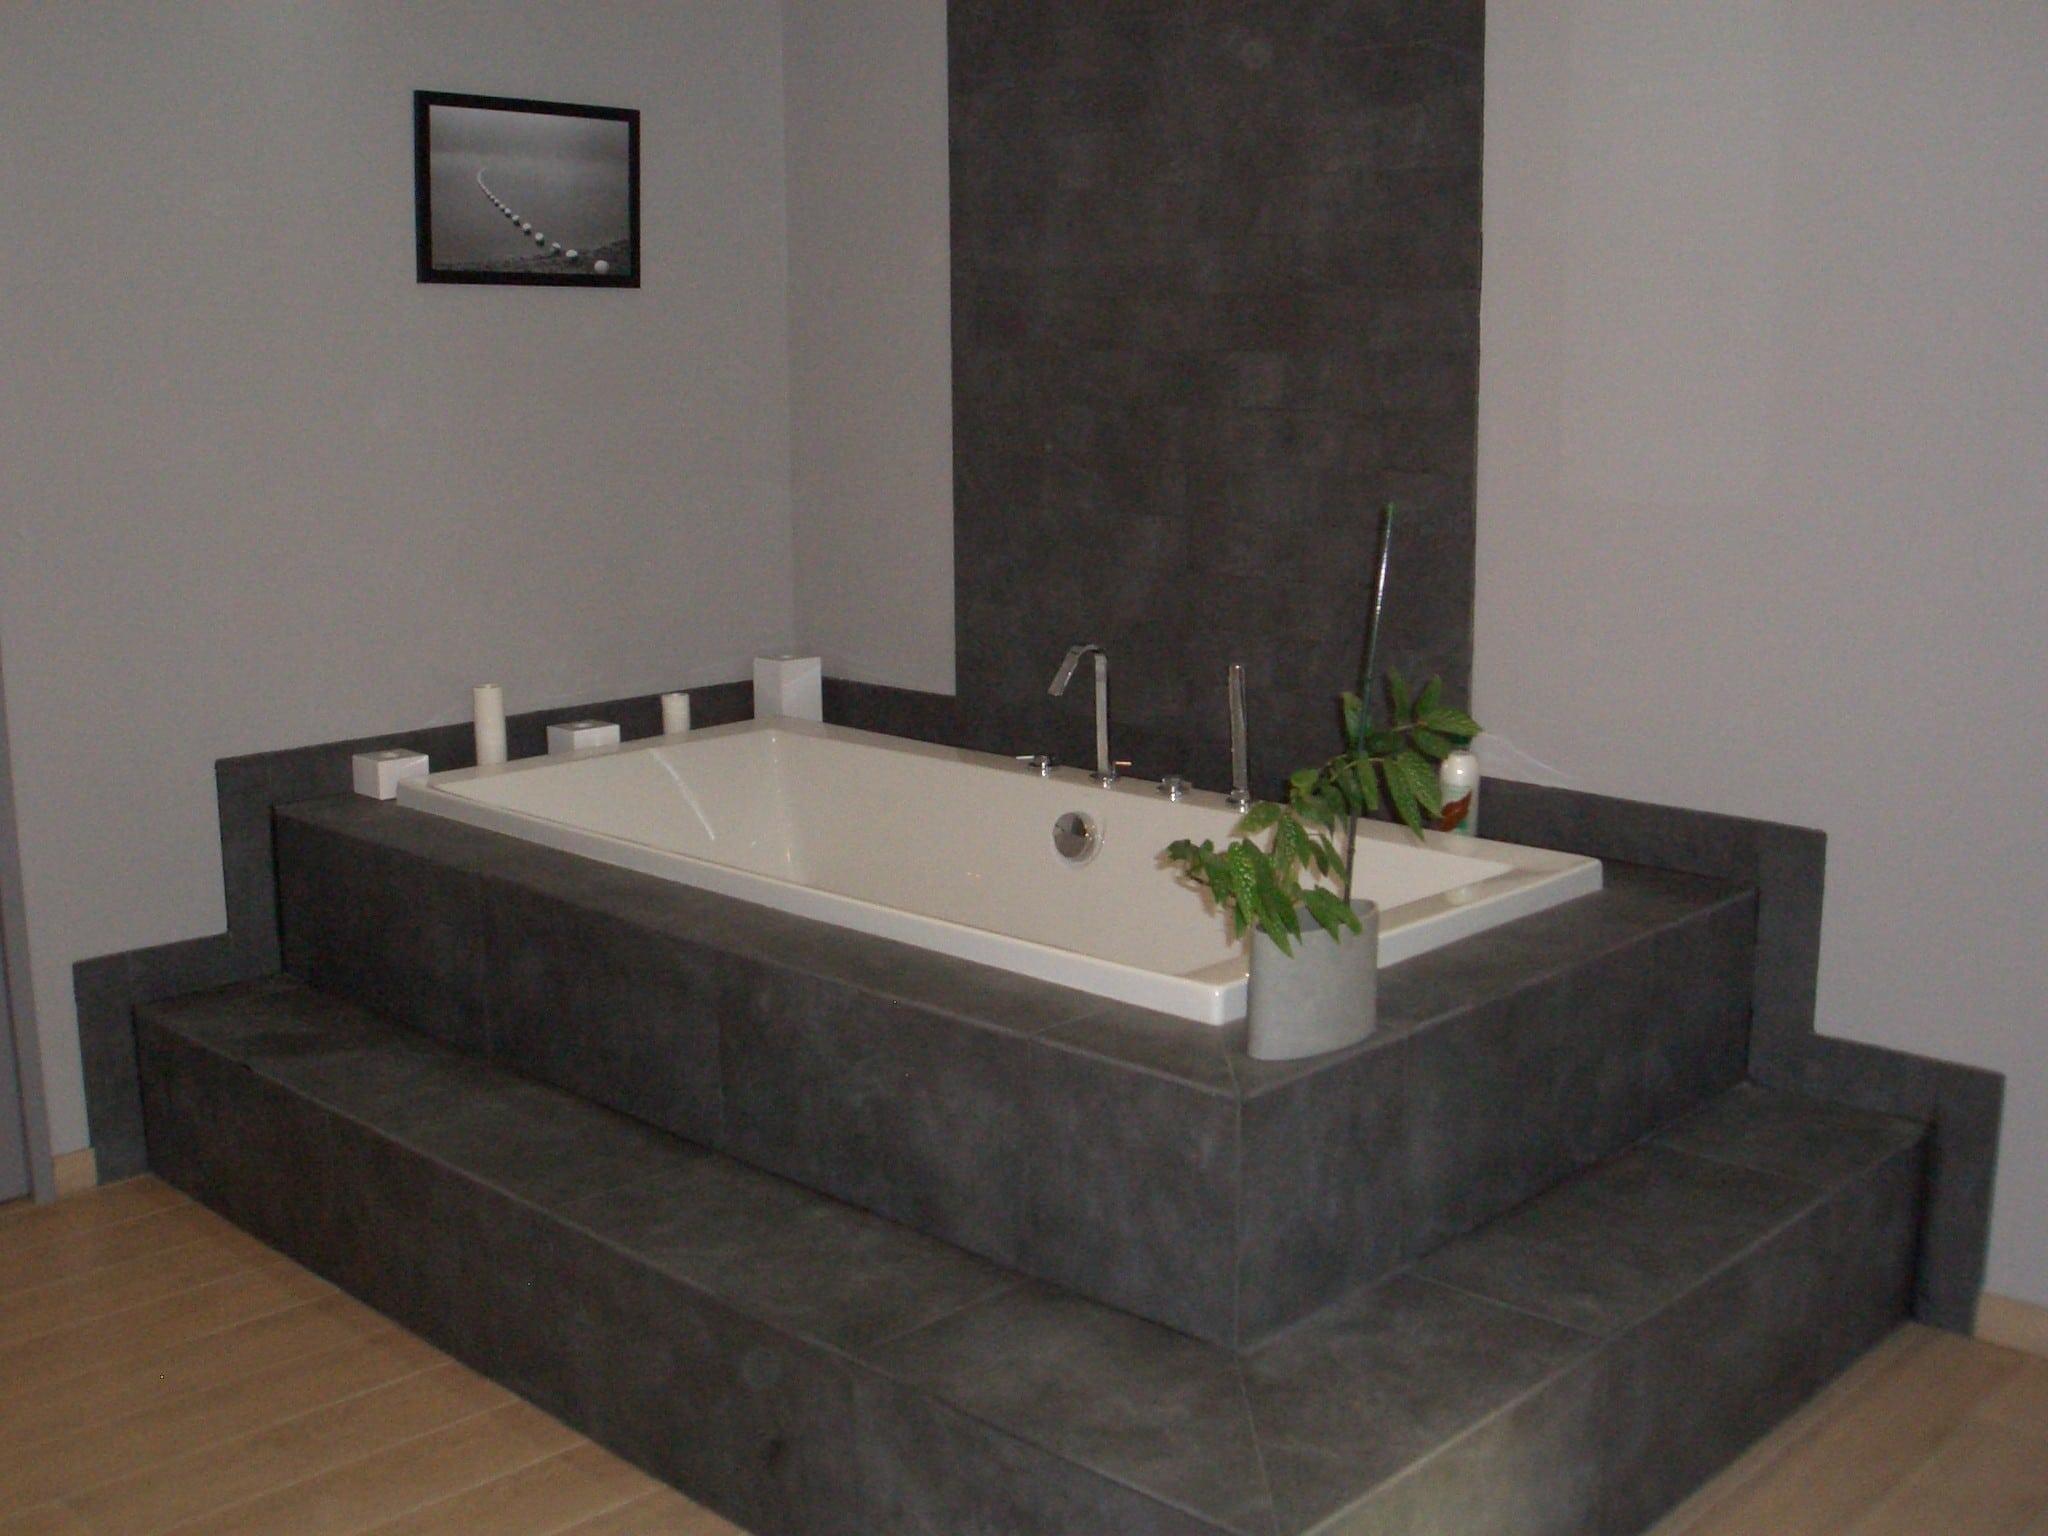 Trouver la baignoire id ale pour votre salle de bain for Grande baignoire carree